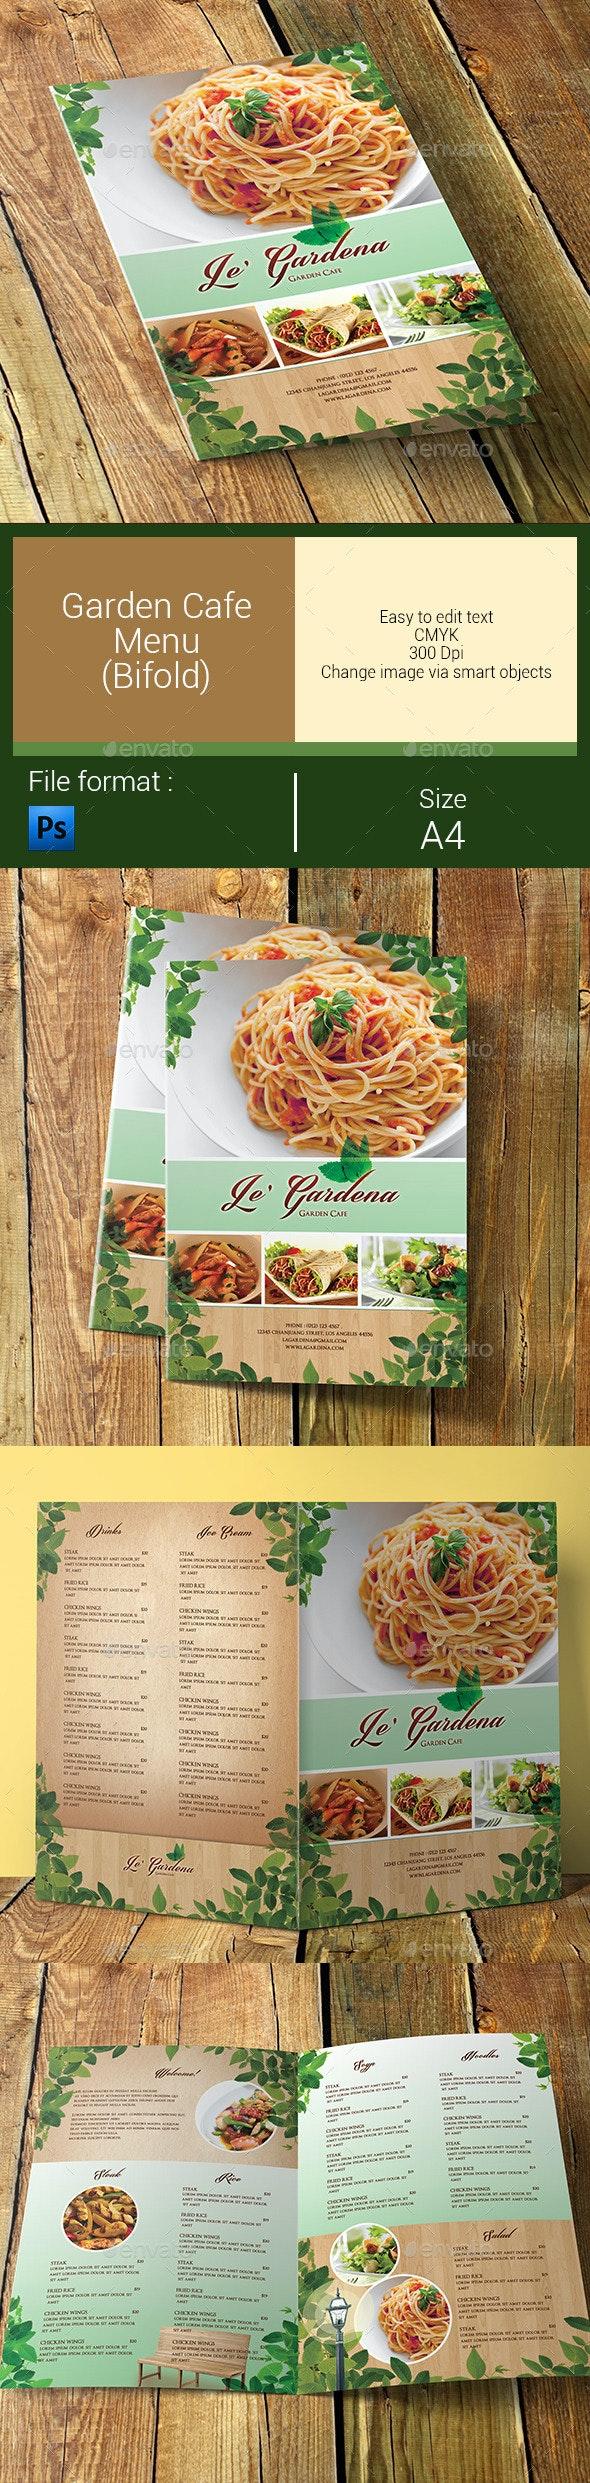 Garden Cafe Menu Bifold - Food Menus Print Templates